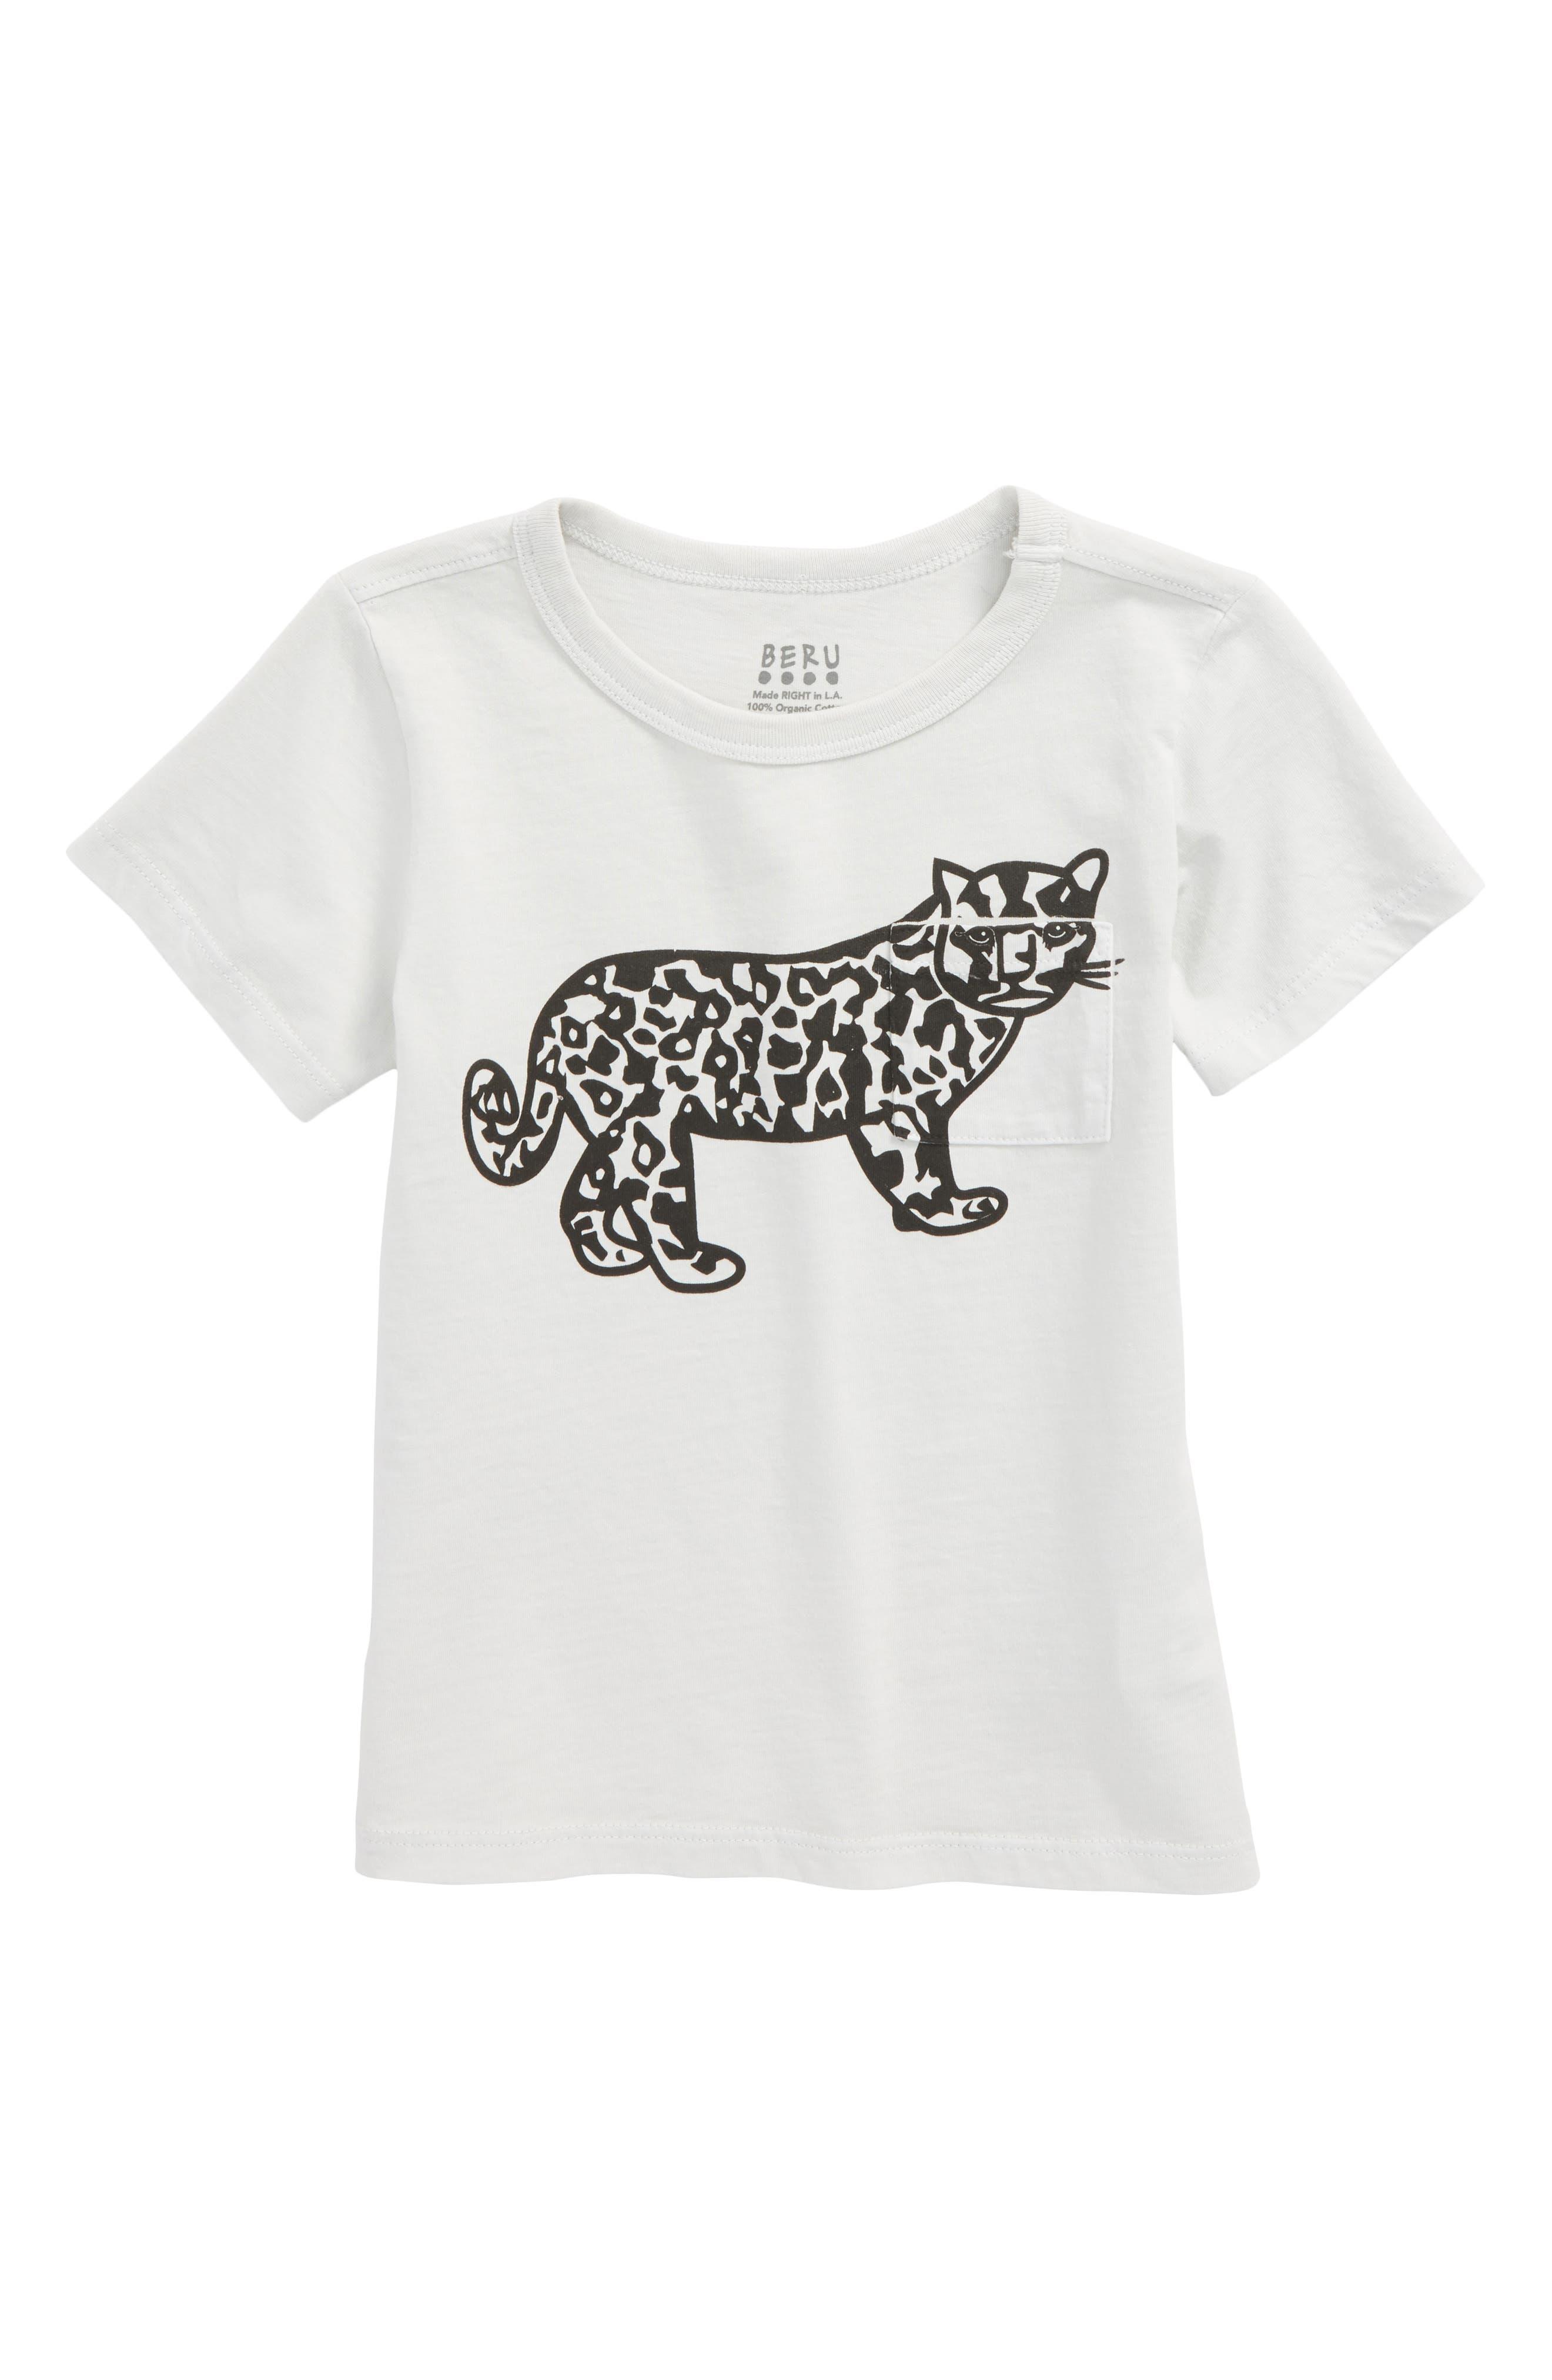 Huxley Leopard Graphic Organic Cotton T-Shirt,                         Main,                         color, 100